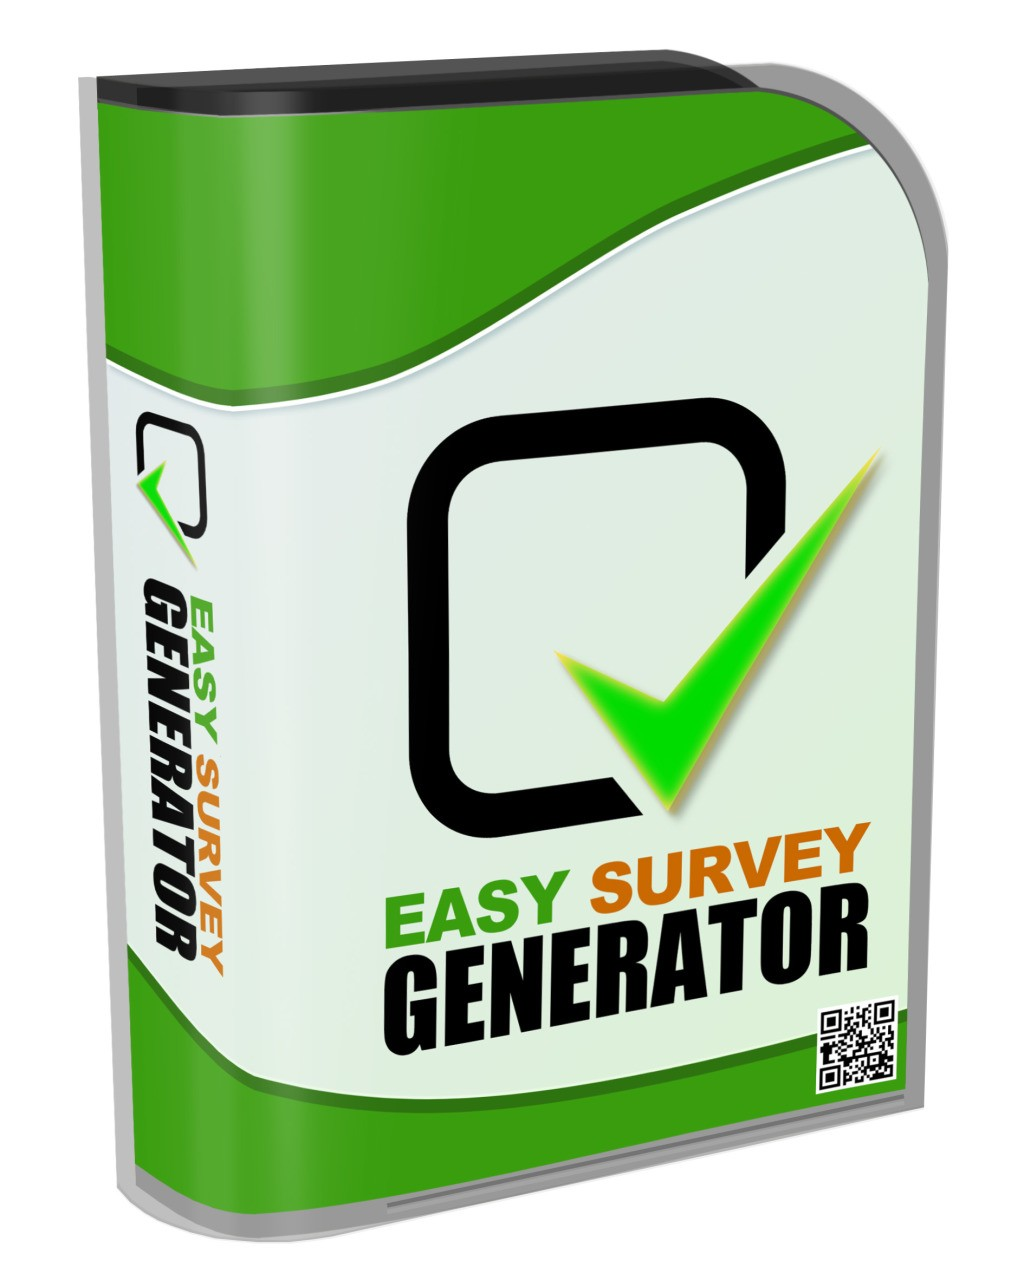 Easy Survey Generator